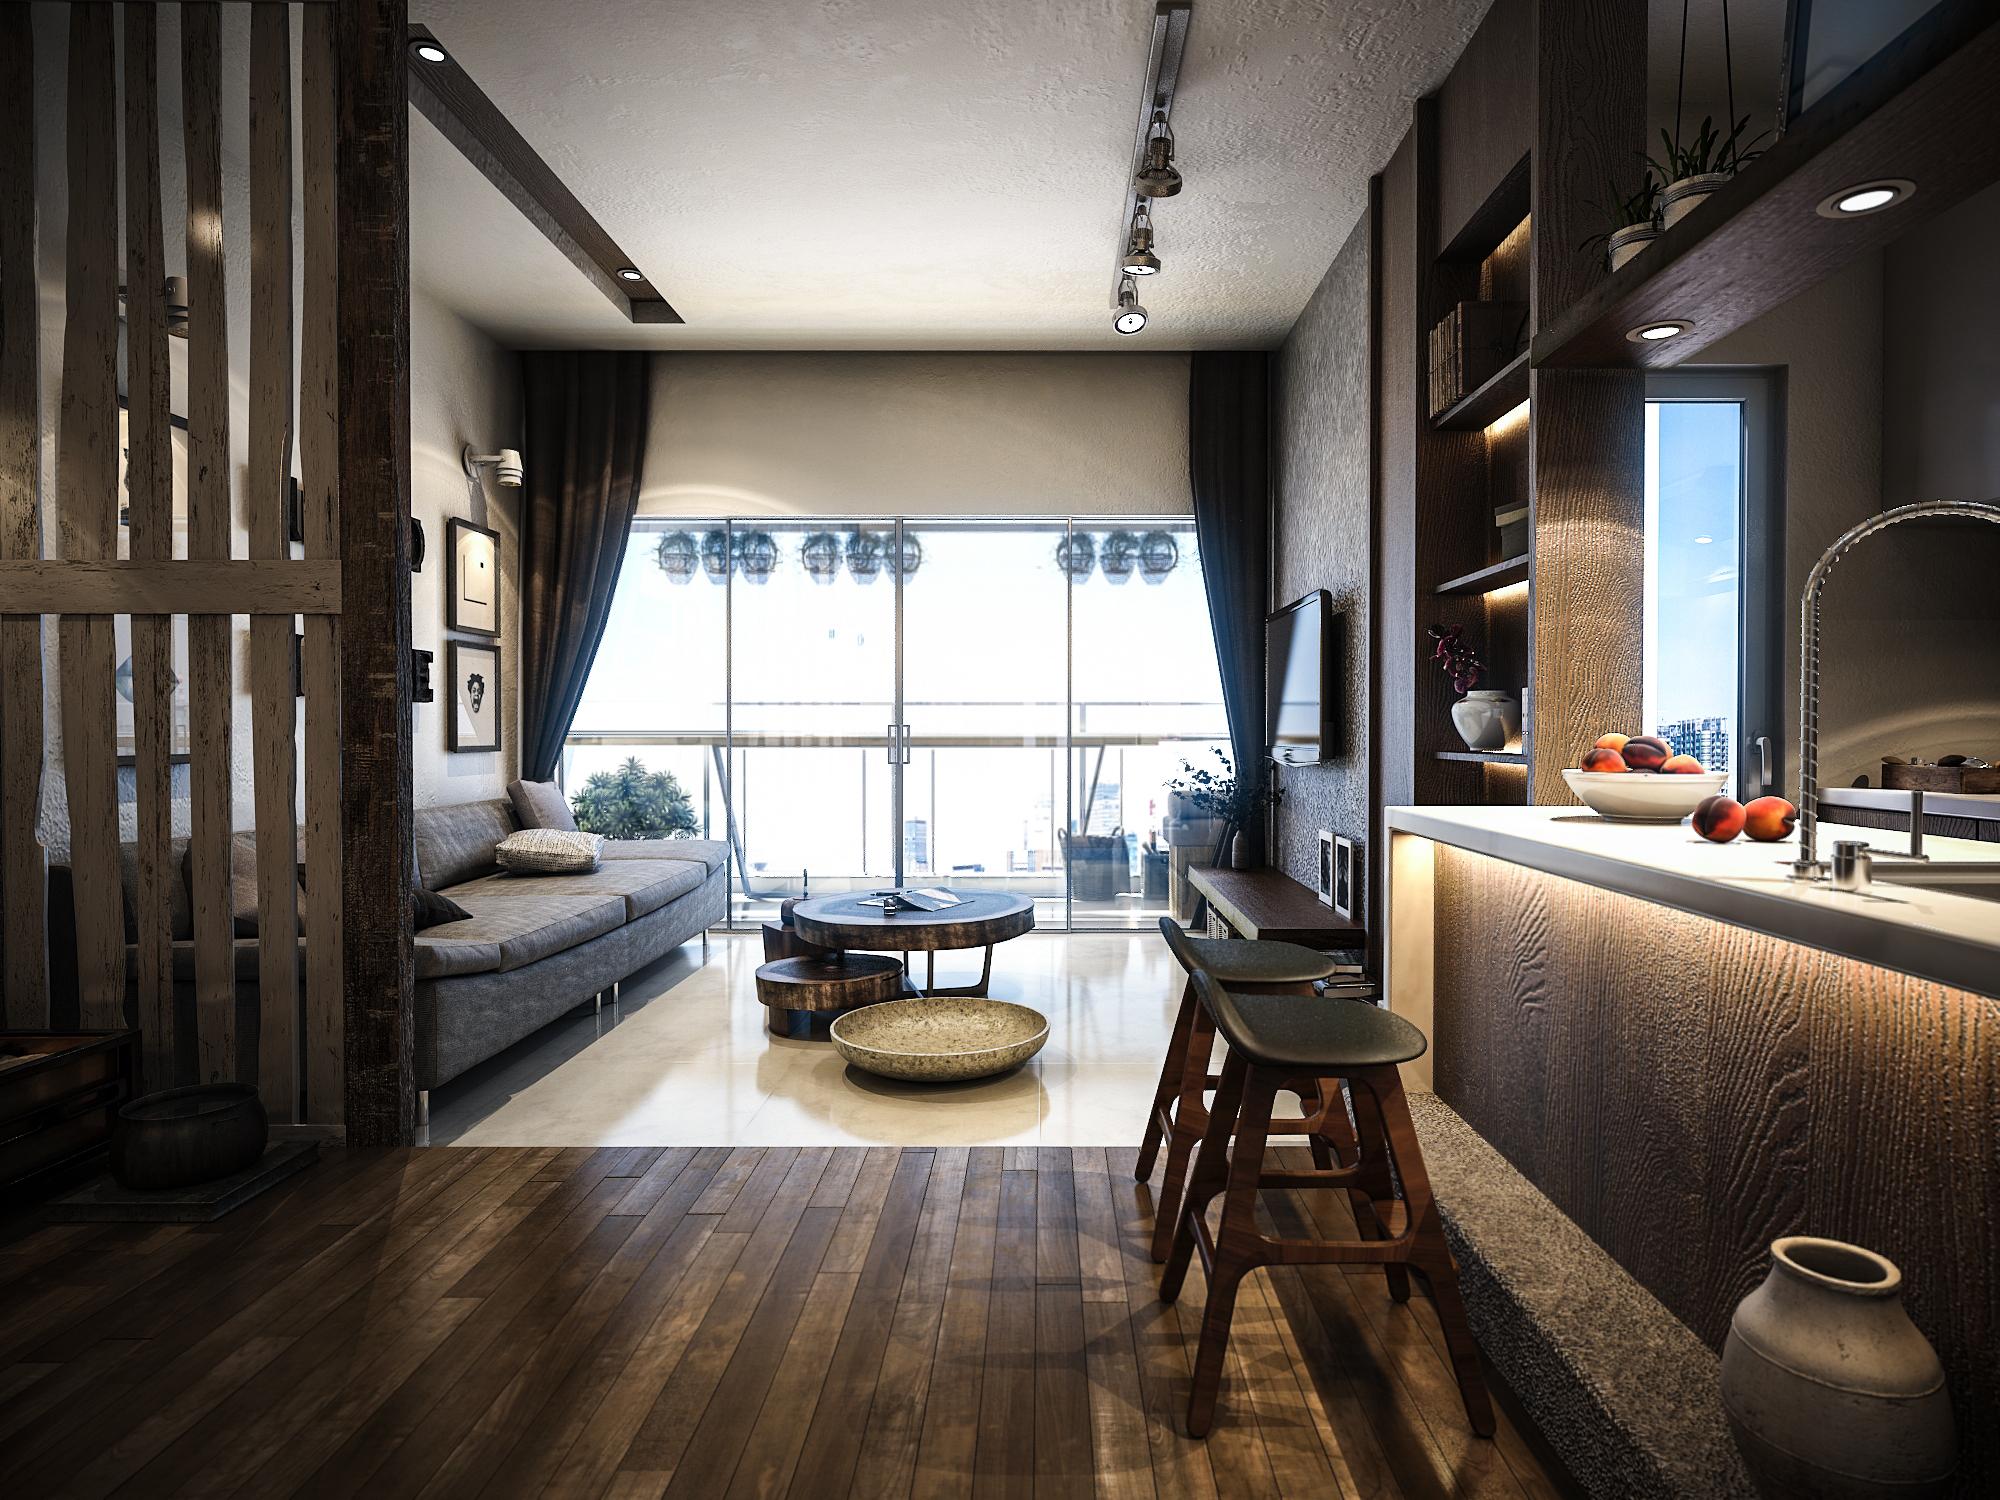 thiết kế nội thất chung cư tại Hồ Chí Minh Mr. Thuận Apartment 0 1544198871